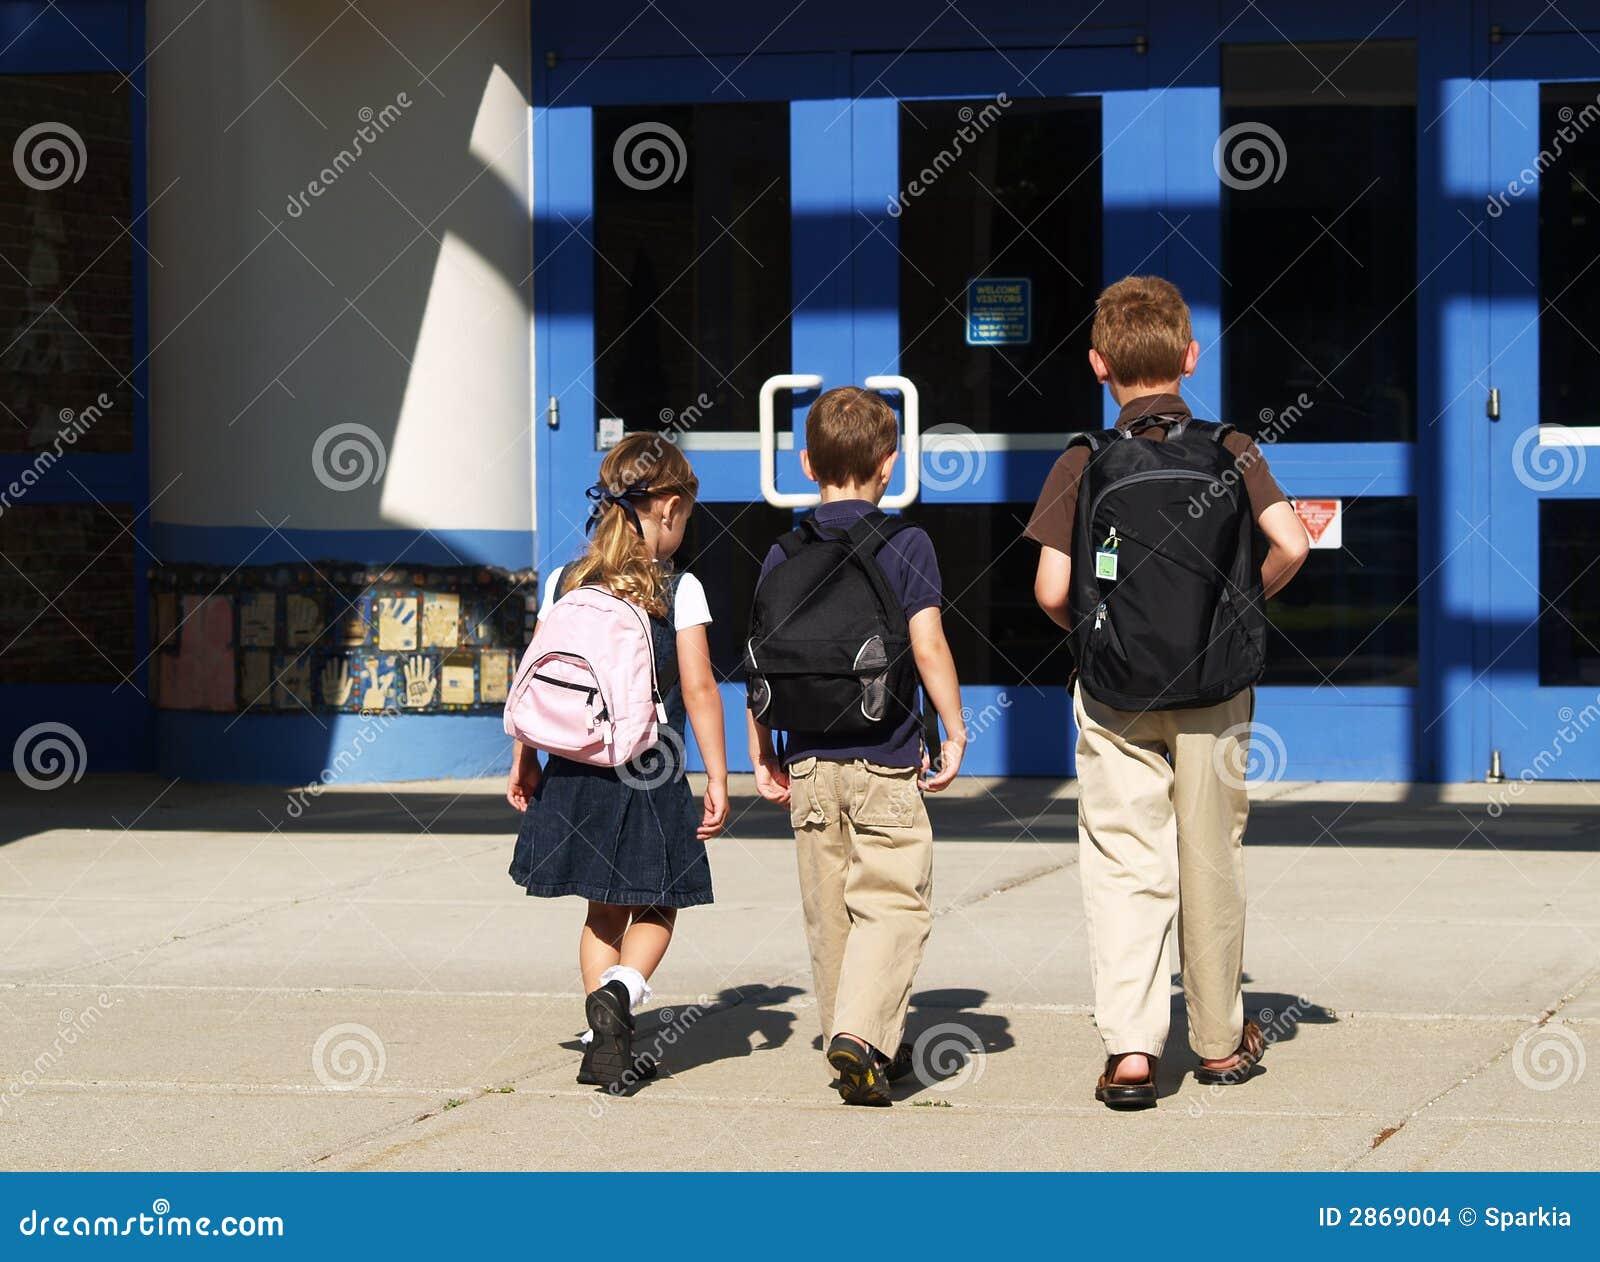 school children going in